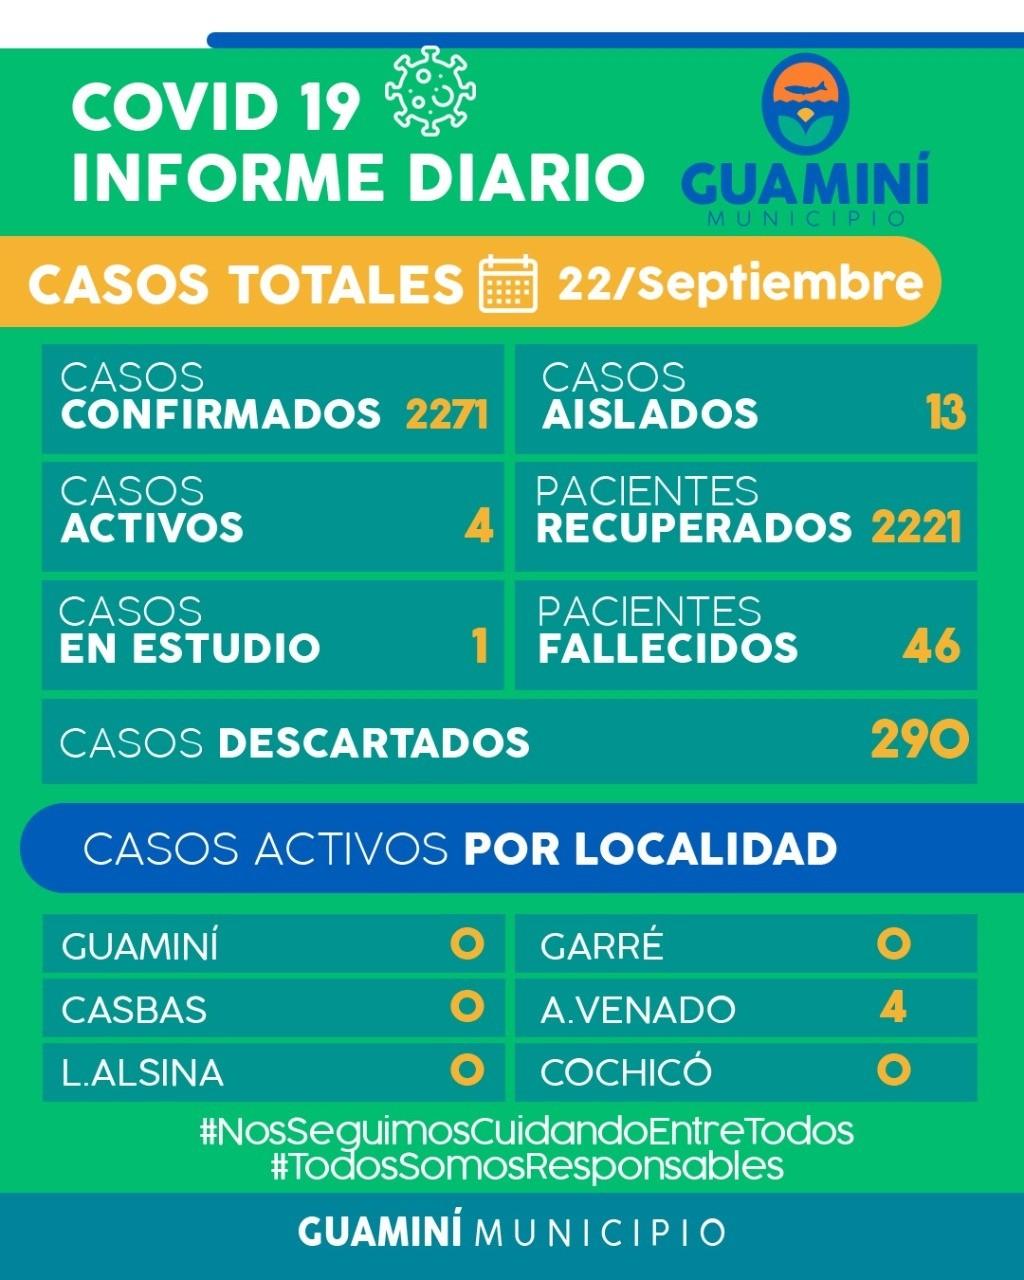 CORONAVIRUS: INFORME DIARIO DE SITUACIÓN A NIVEL LOCAL - 22 DE SEPTIEMBRE -